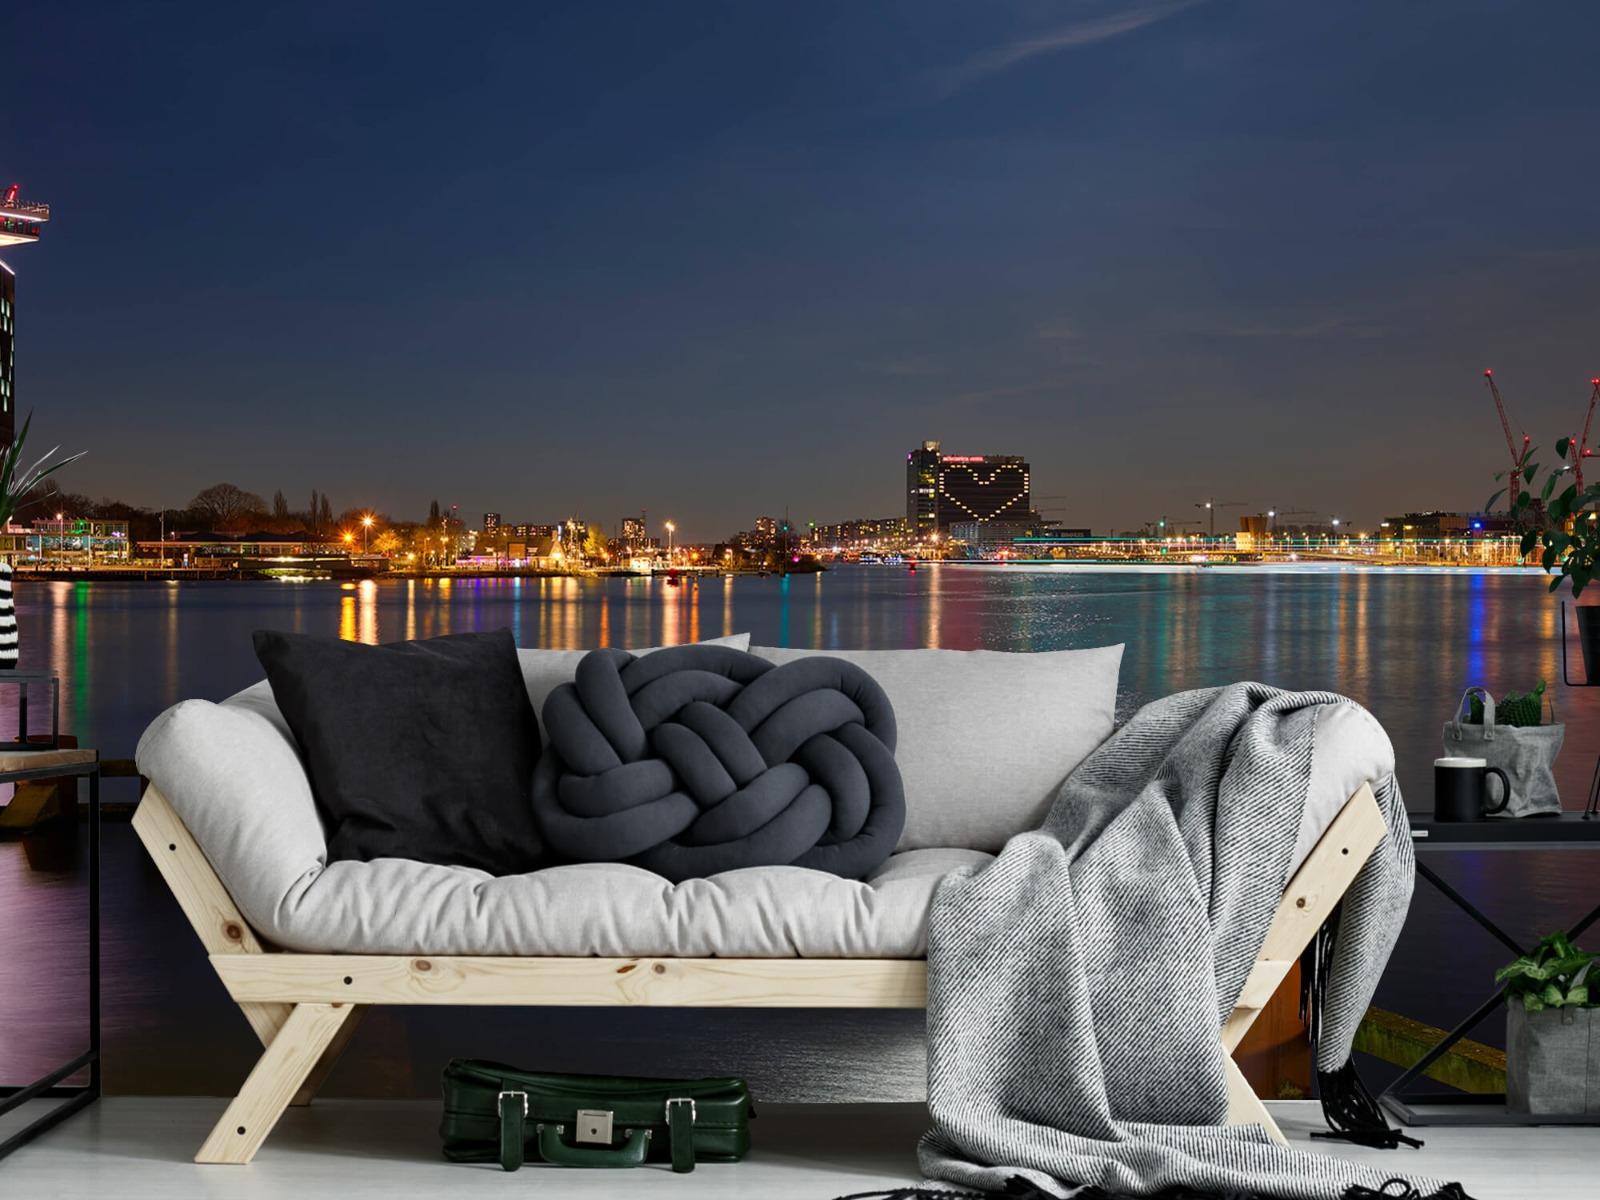 Steden behang - Supermaan in Amsterdam - Slaapkamer 6